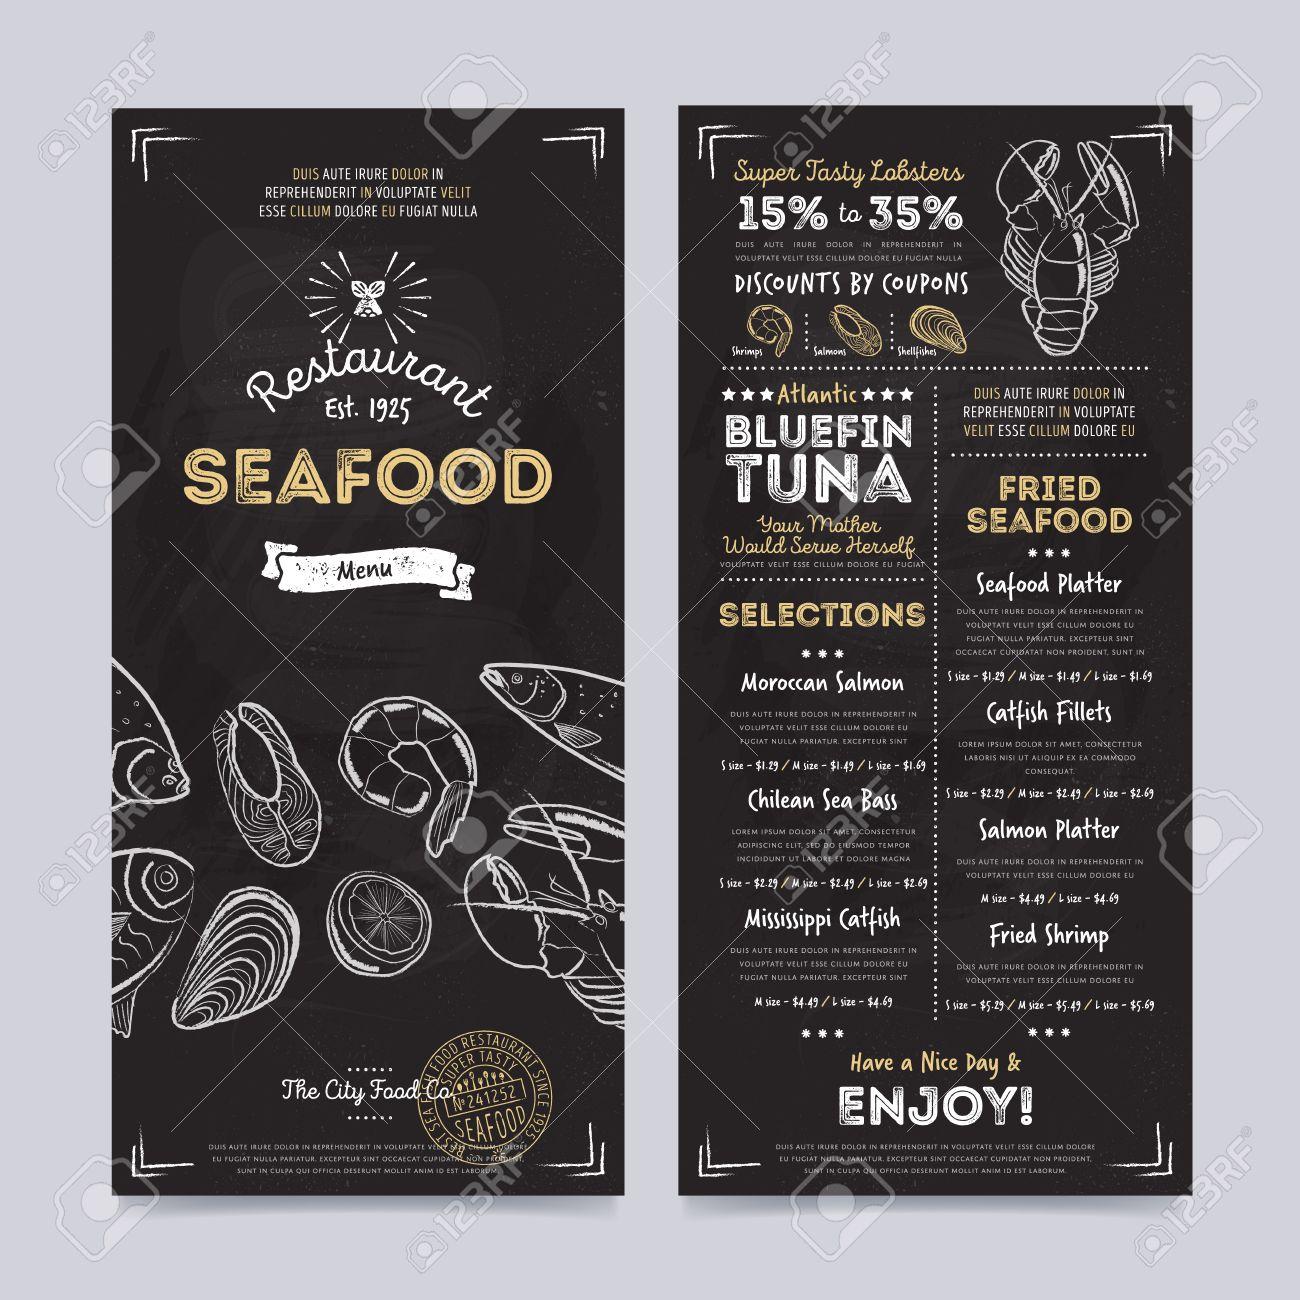 seafood restaurant cafe menu template design on chalkboard